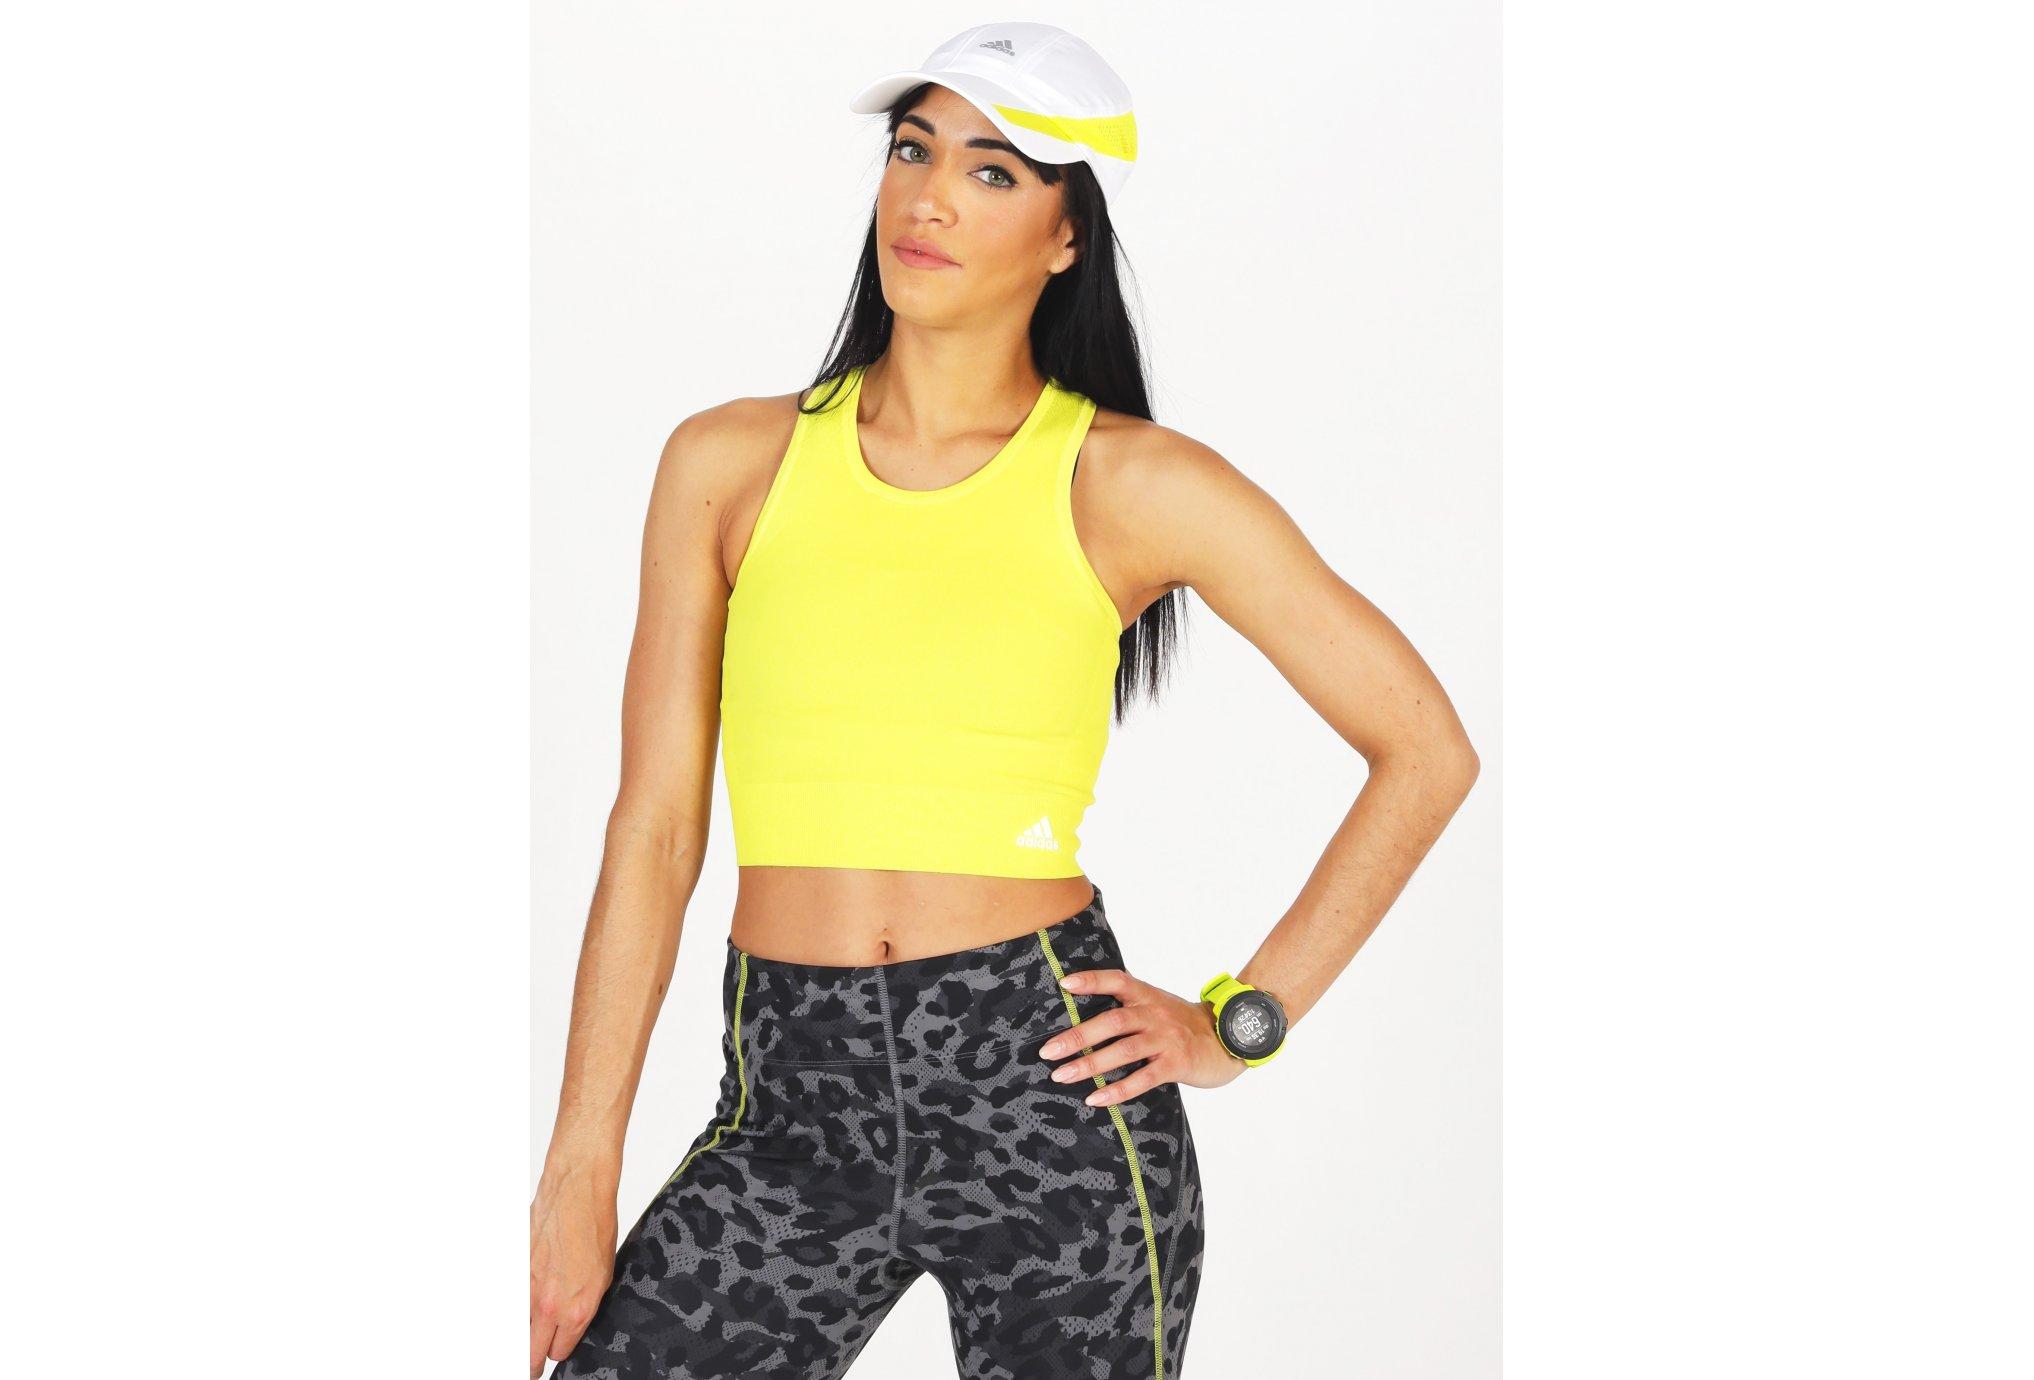 adidas 25/7 PrimeKnit W Diététique Vêtements femme